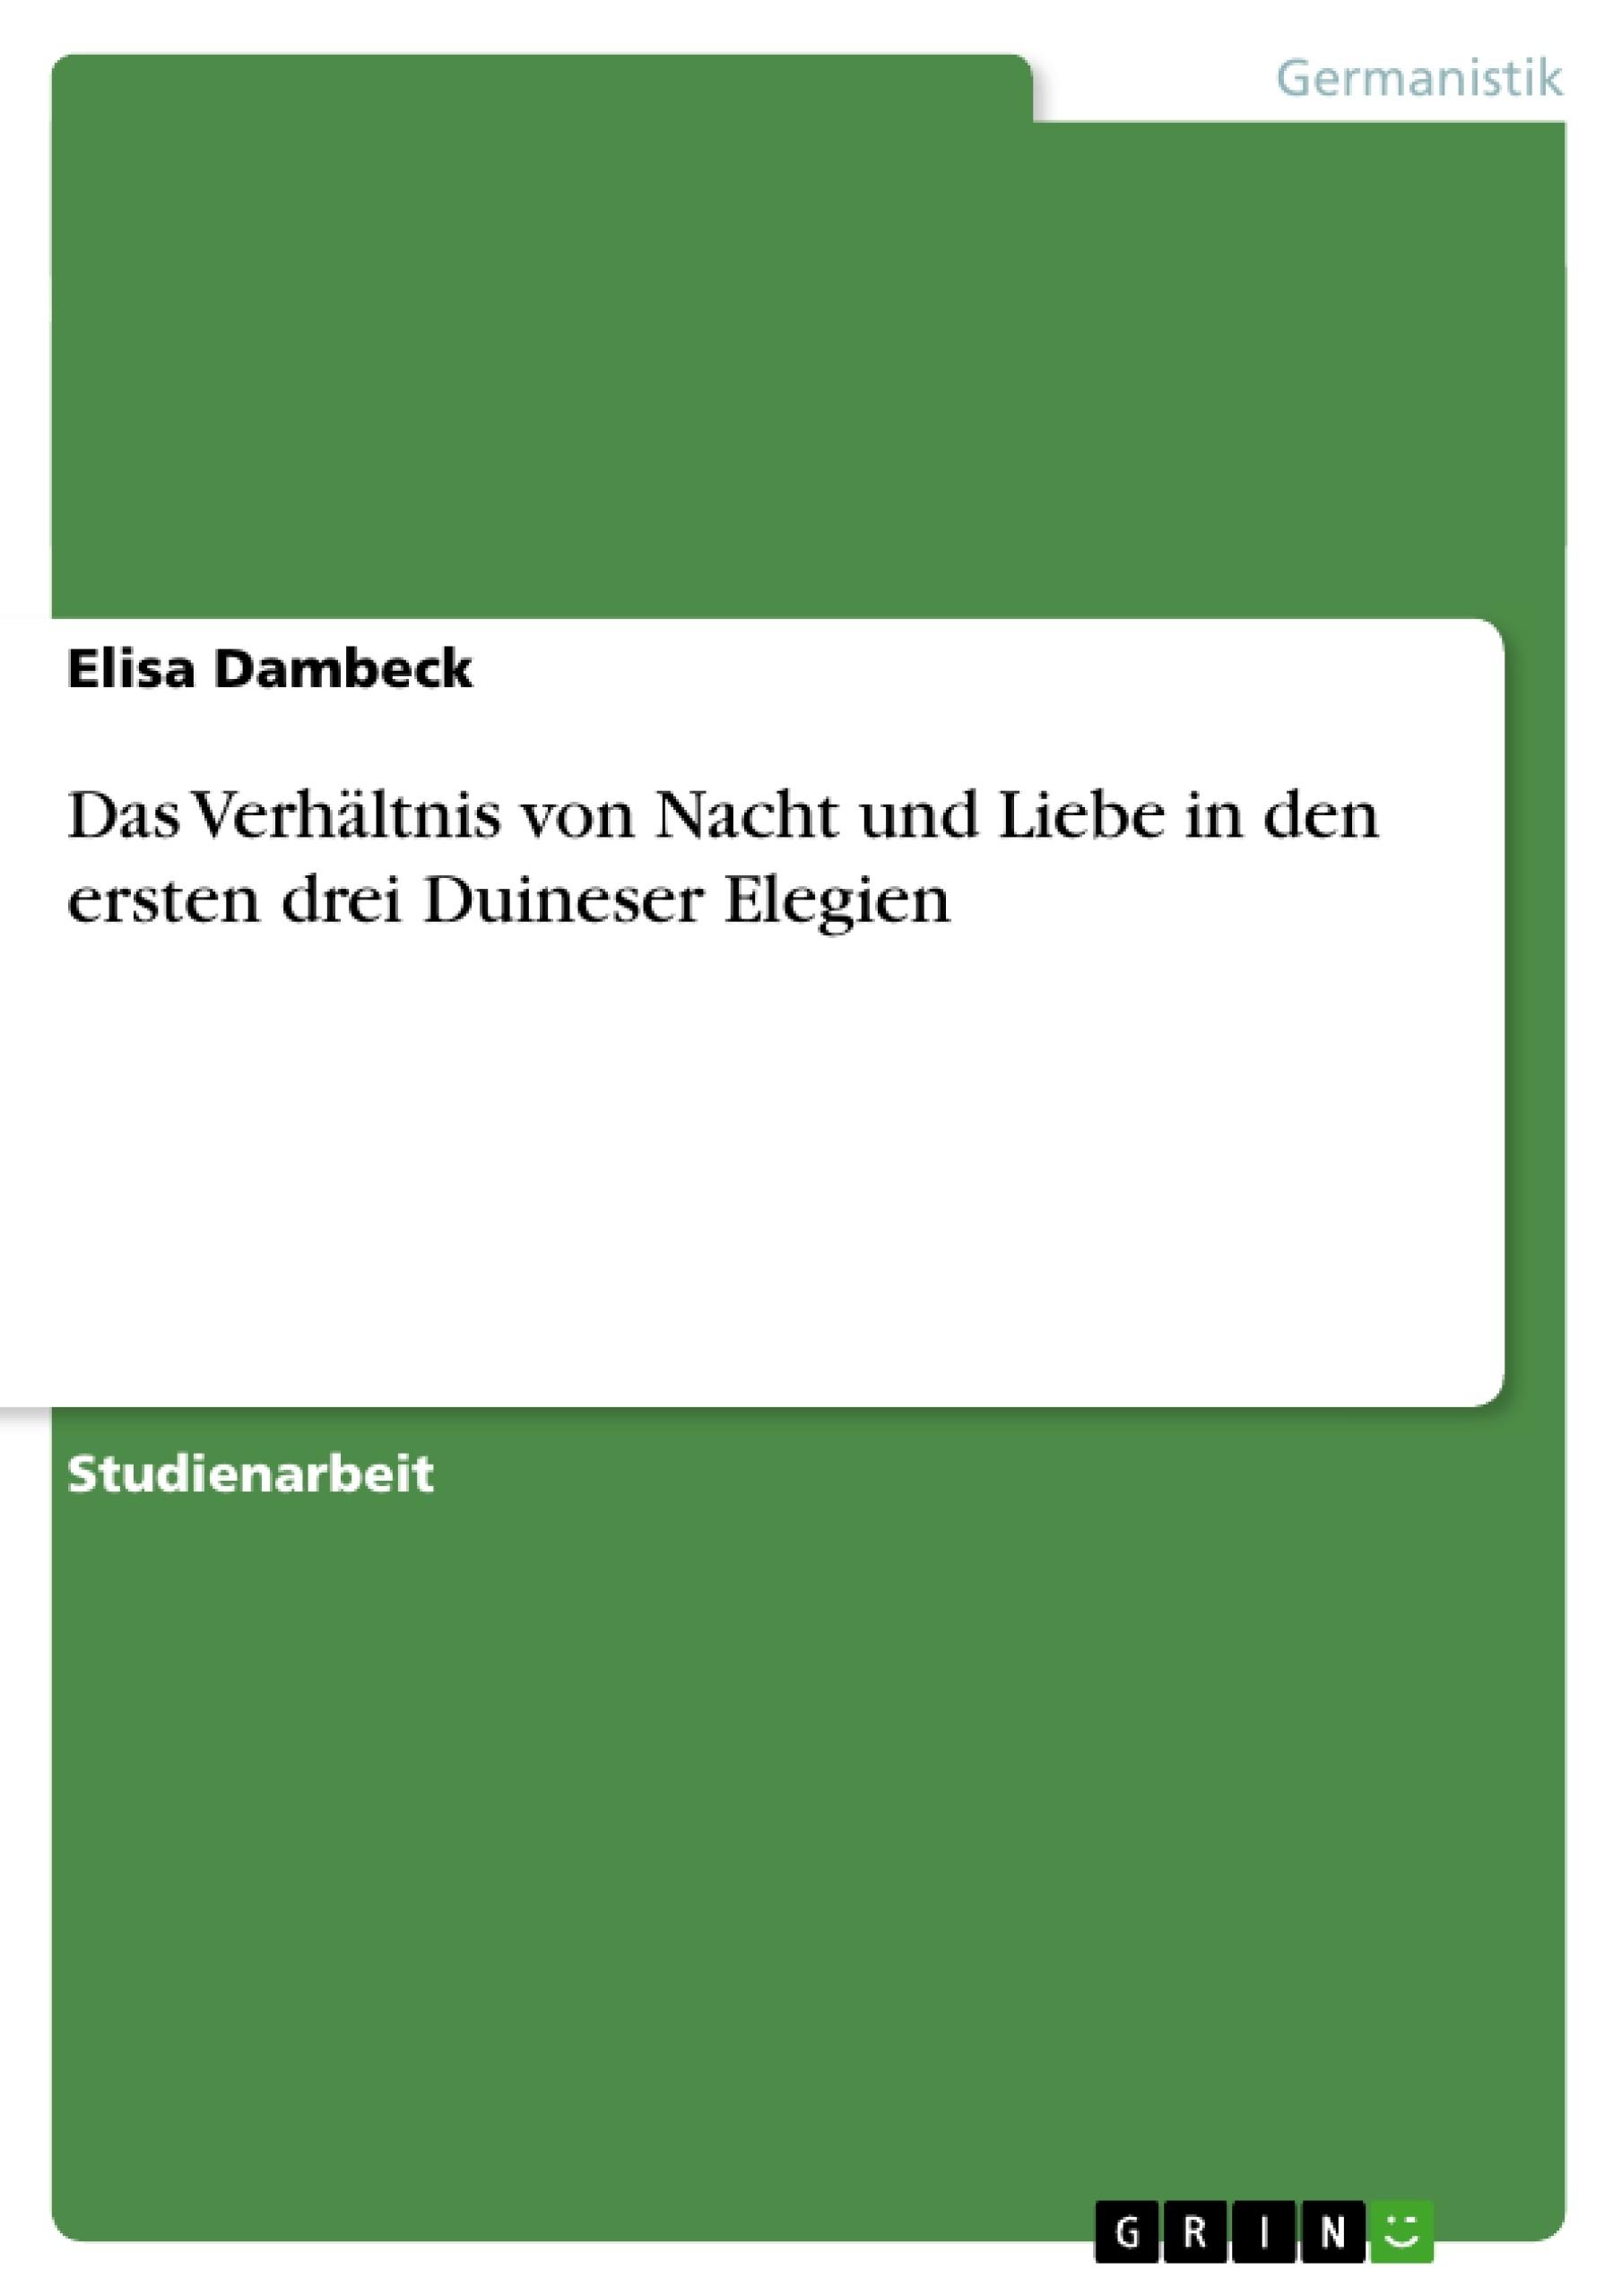 Titel: Das Verhältnis von Nacht und Liebe in den ersten drei Duineser Elegien